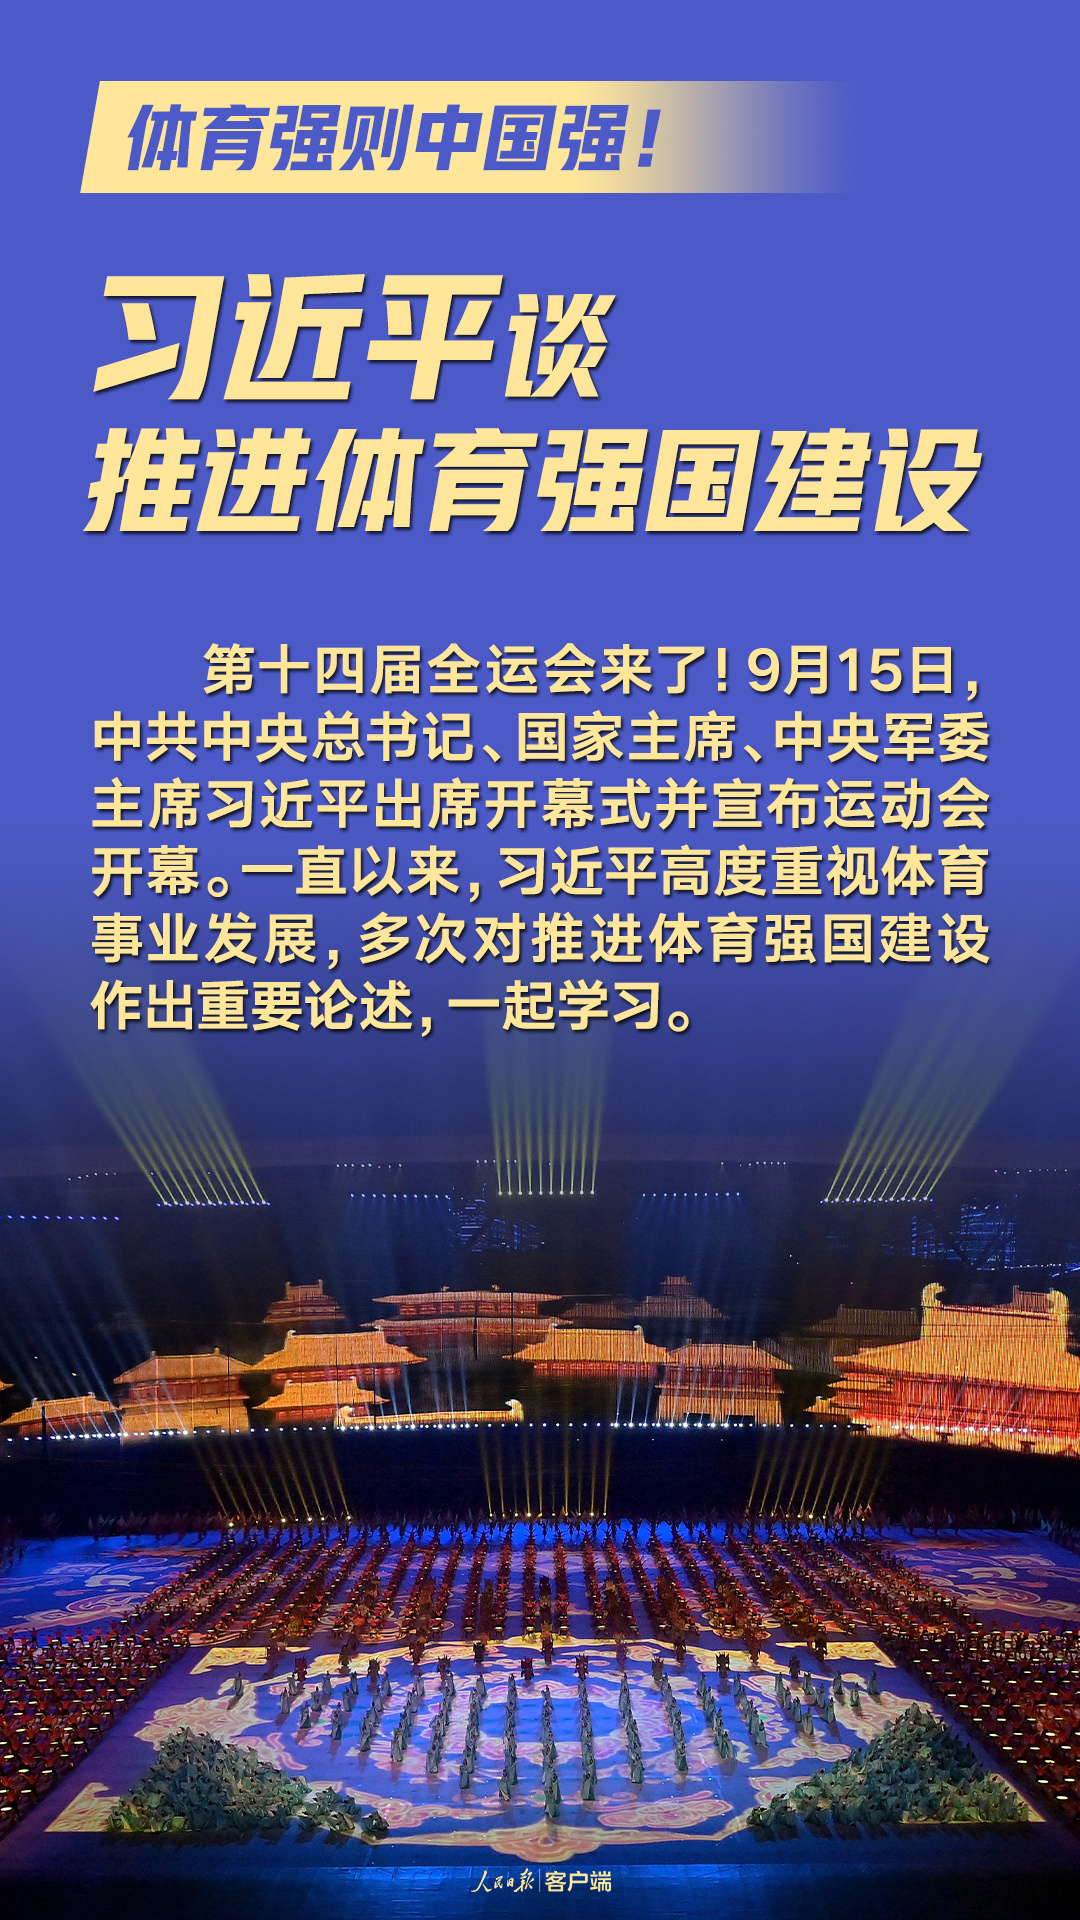 体育强则中国强!习近平谈推进体育强国建设